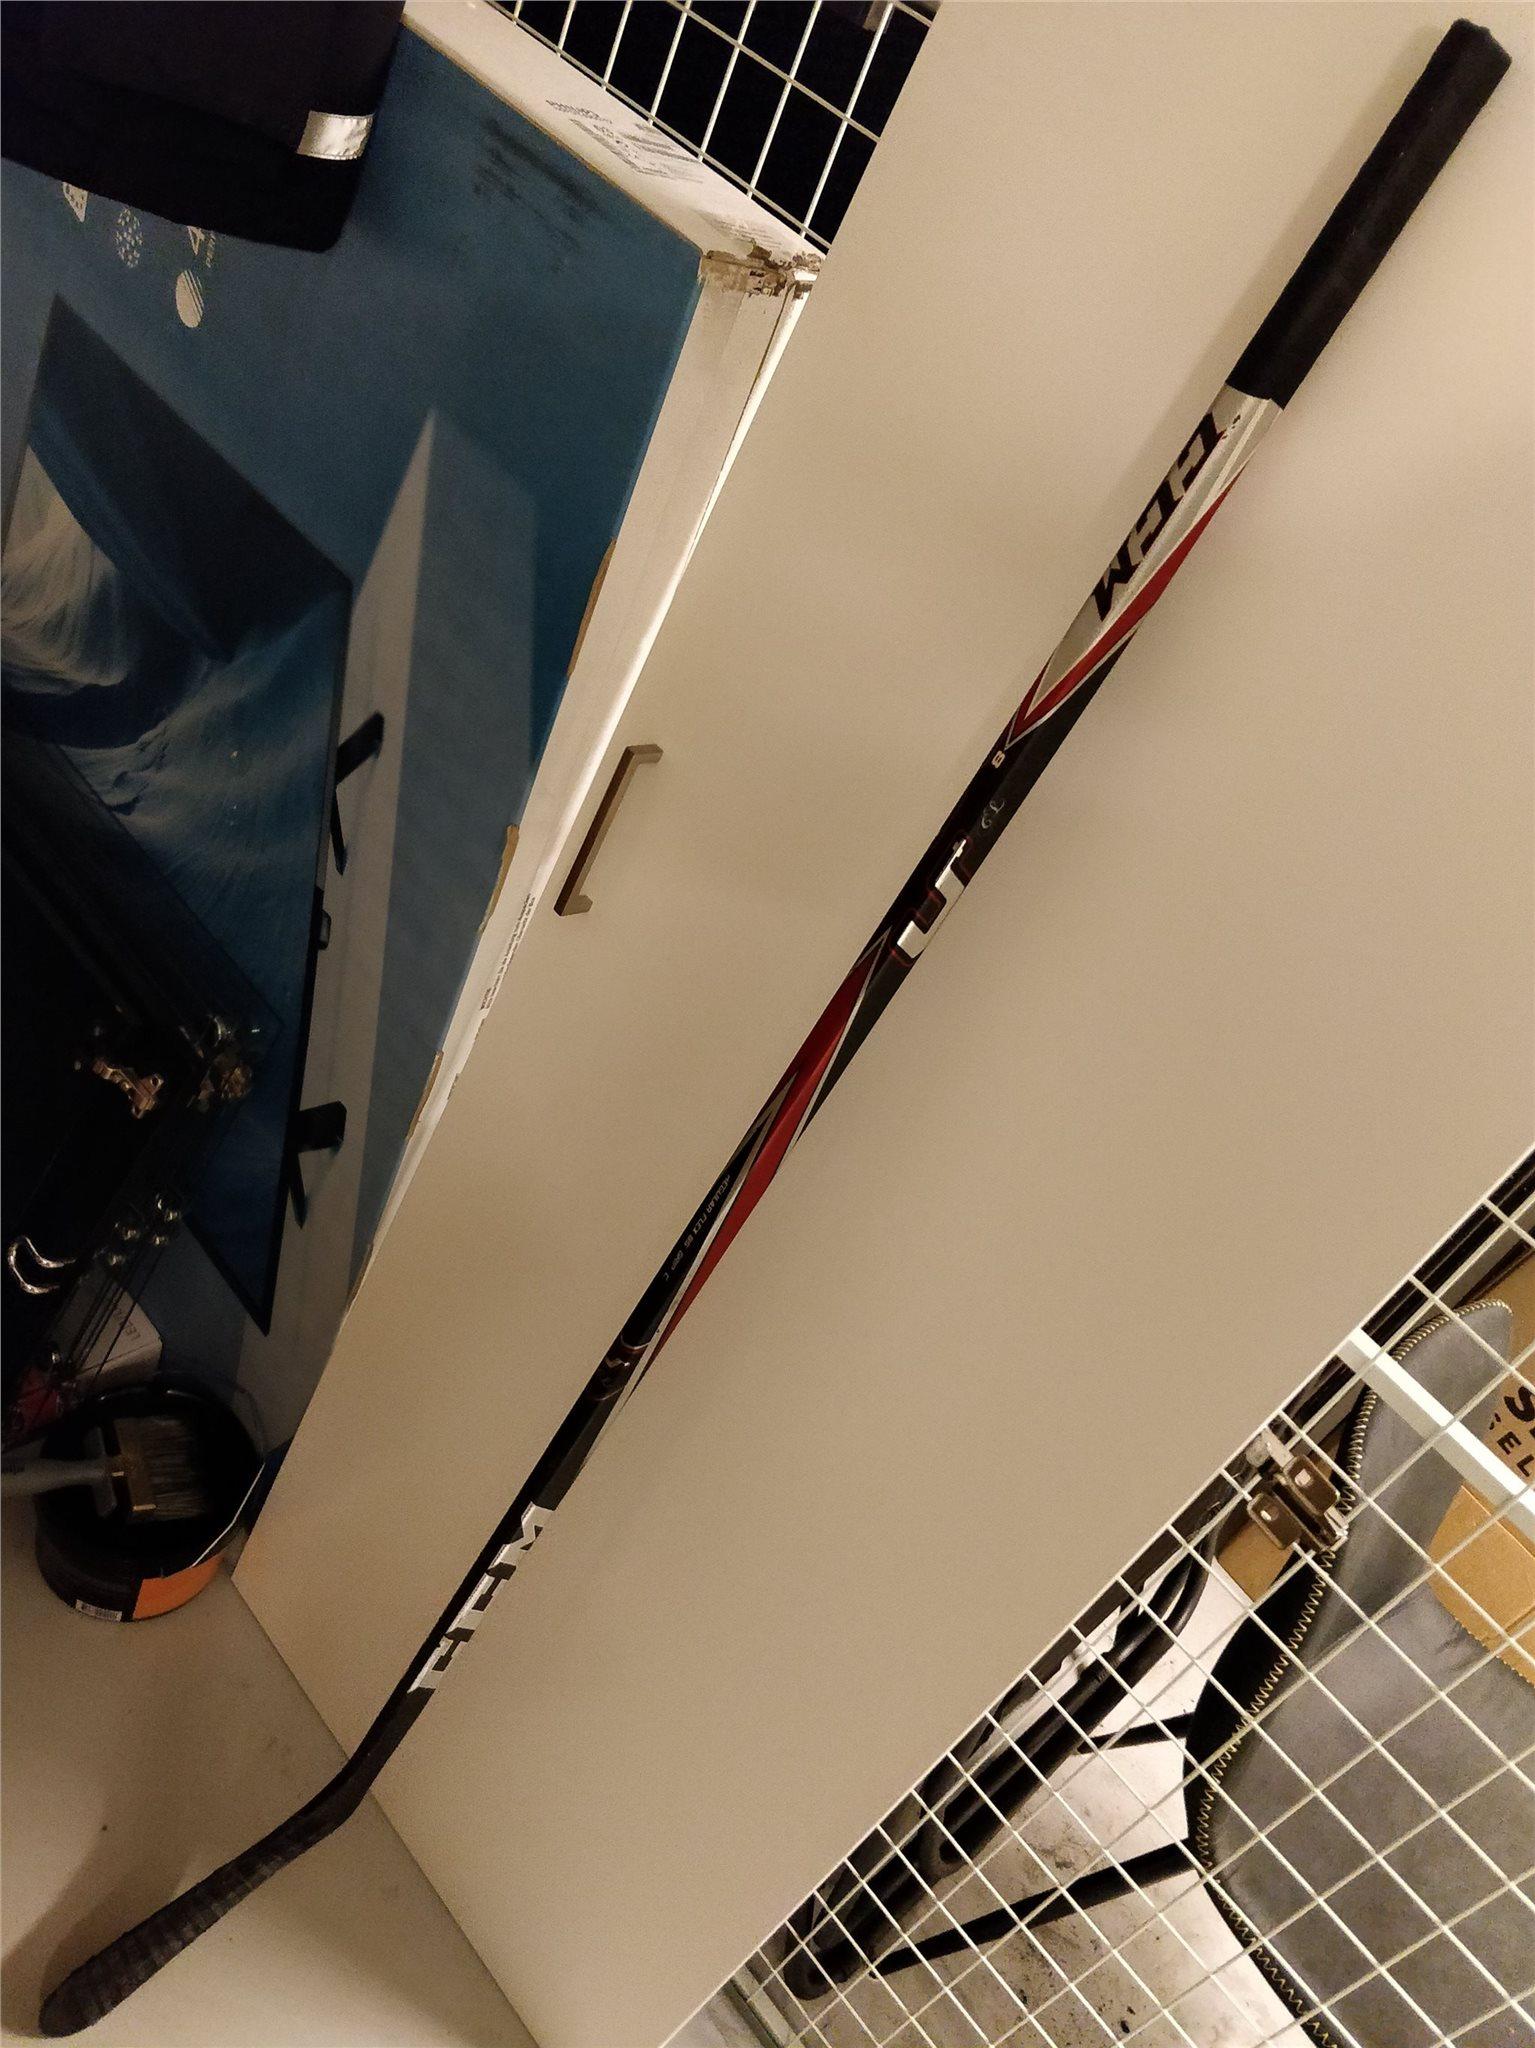 Hockeyklubba CCM U+ Regular Flex 85 Grip C (332587055) ᐈ Köp på Tradera 331e4f58dfdd5